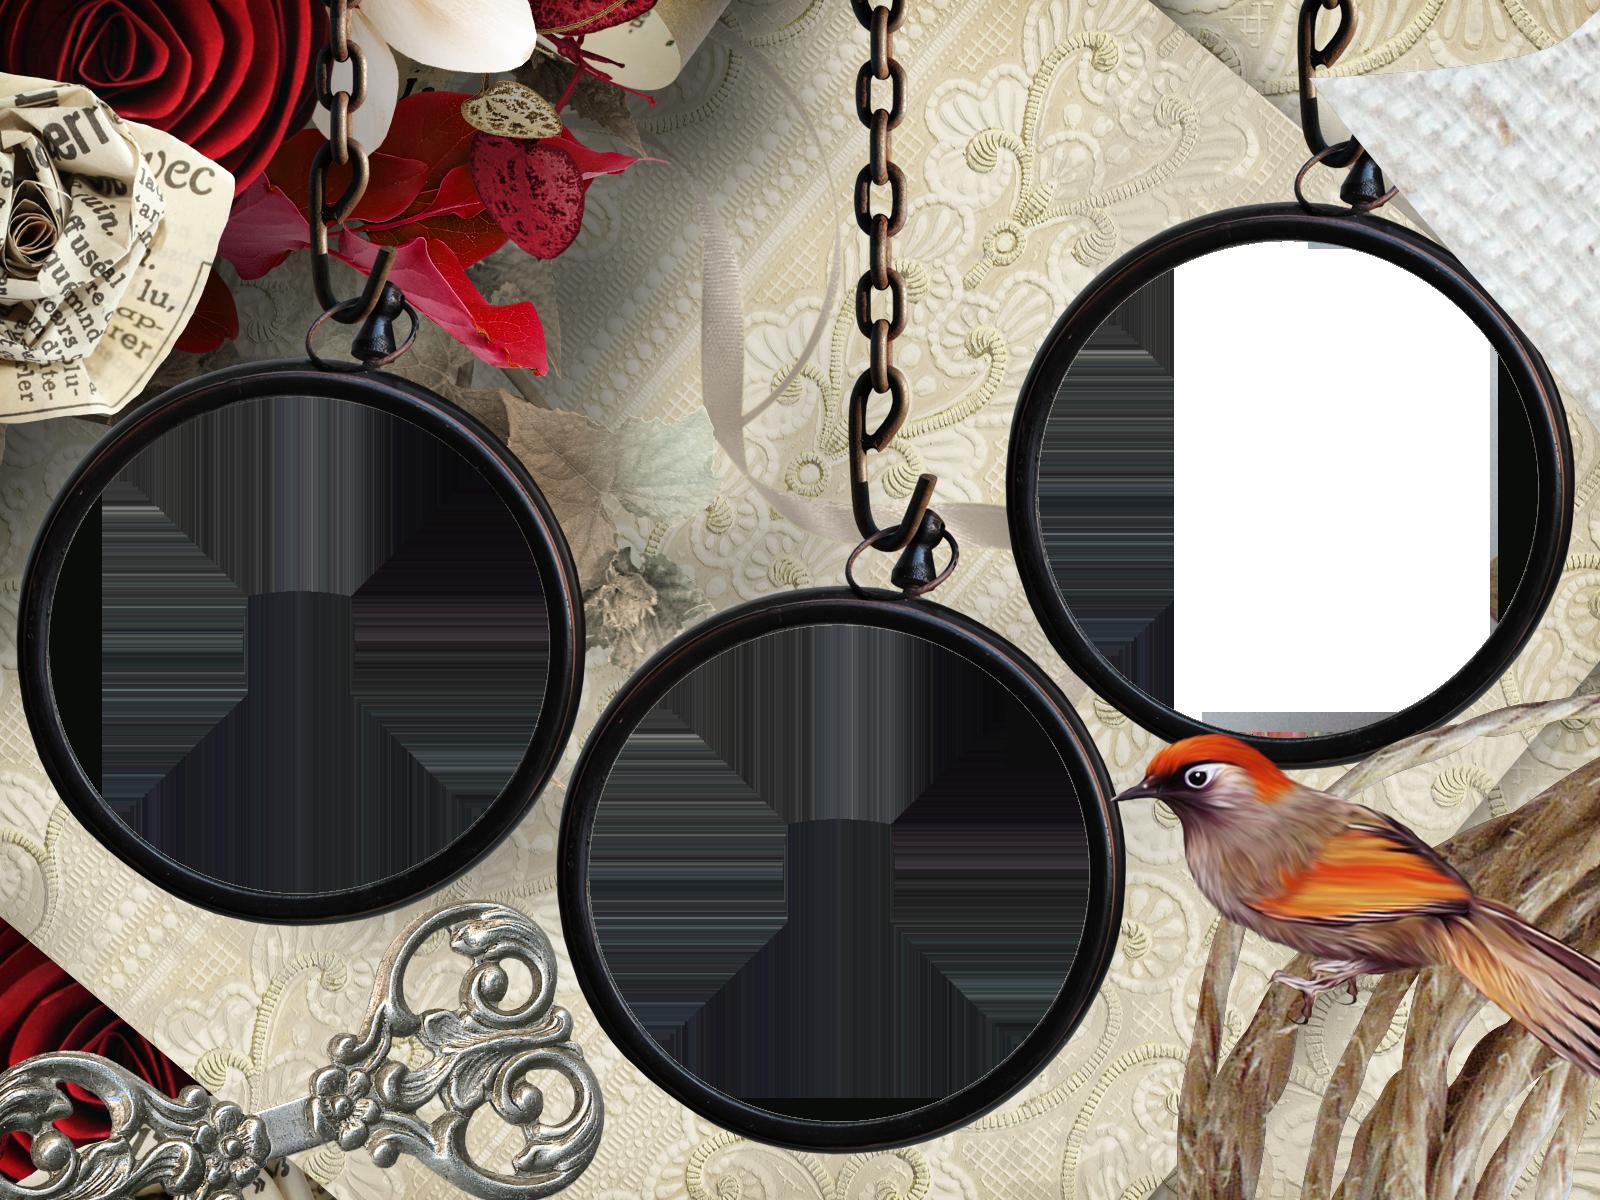 Фоторамка Тройная фоторамка с певчей птицей Фоторамка для фотошопа, PNG шаблон. Три круглые фоторамки на цепочке, певчая птица, фигурный ключ, цветы из бумаги.